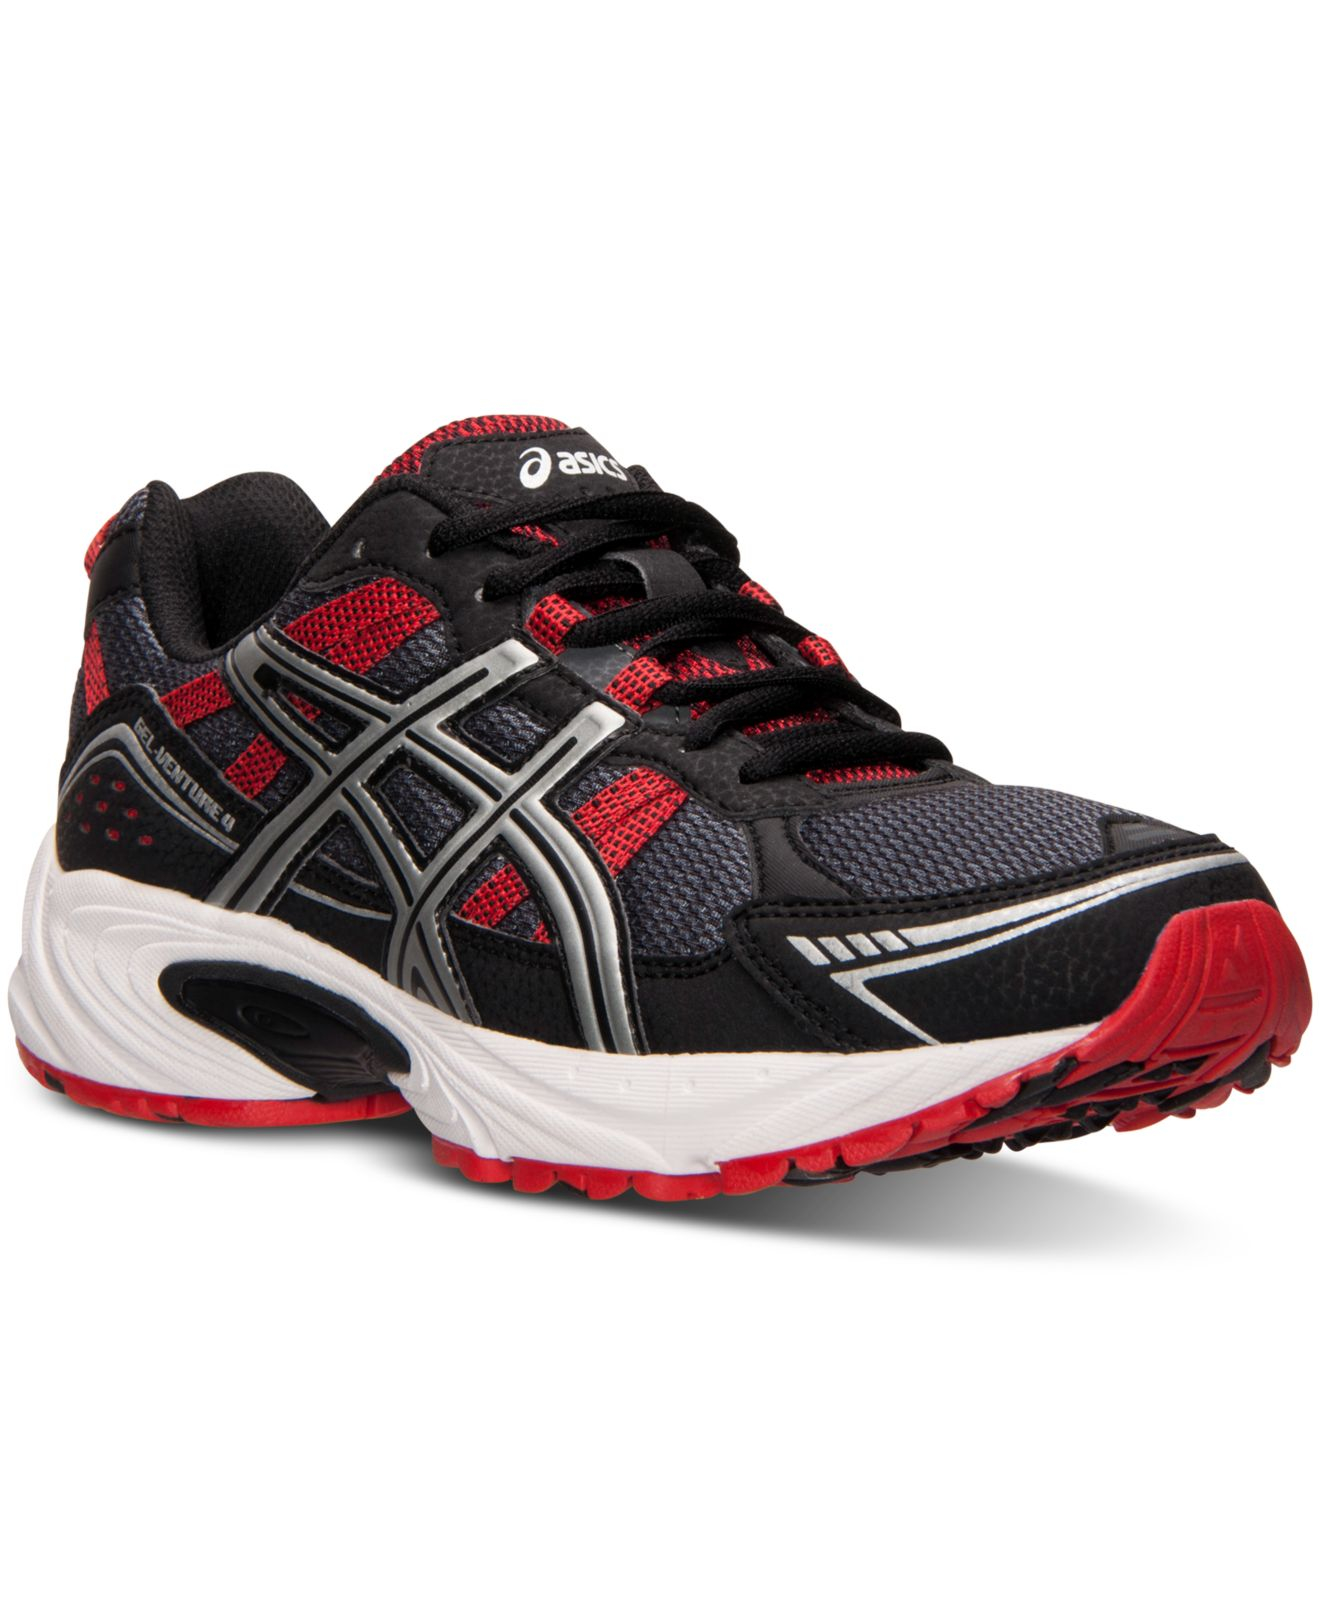 asics 4e wide shoes